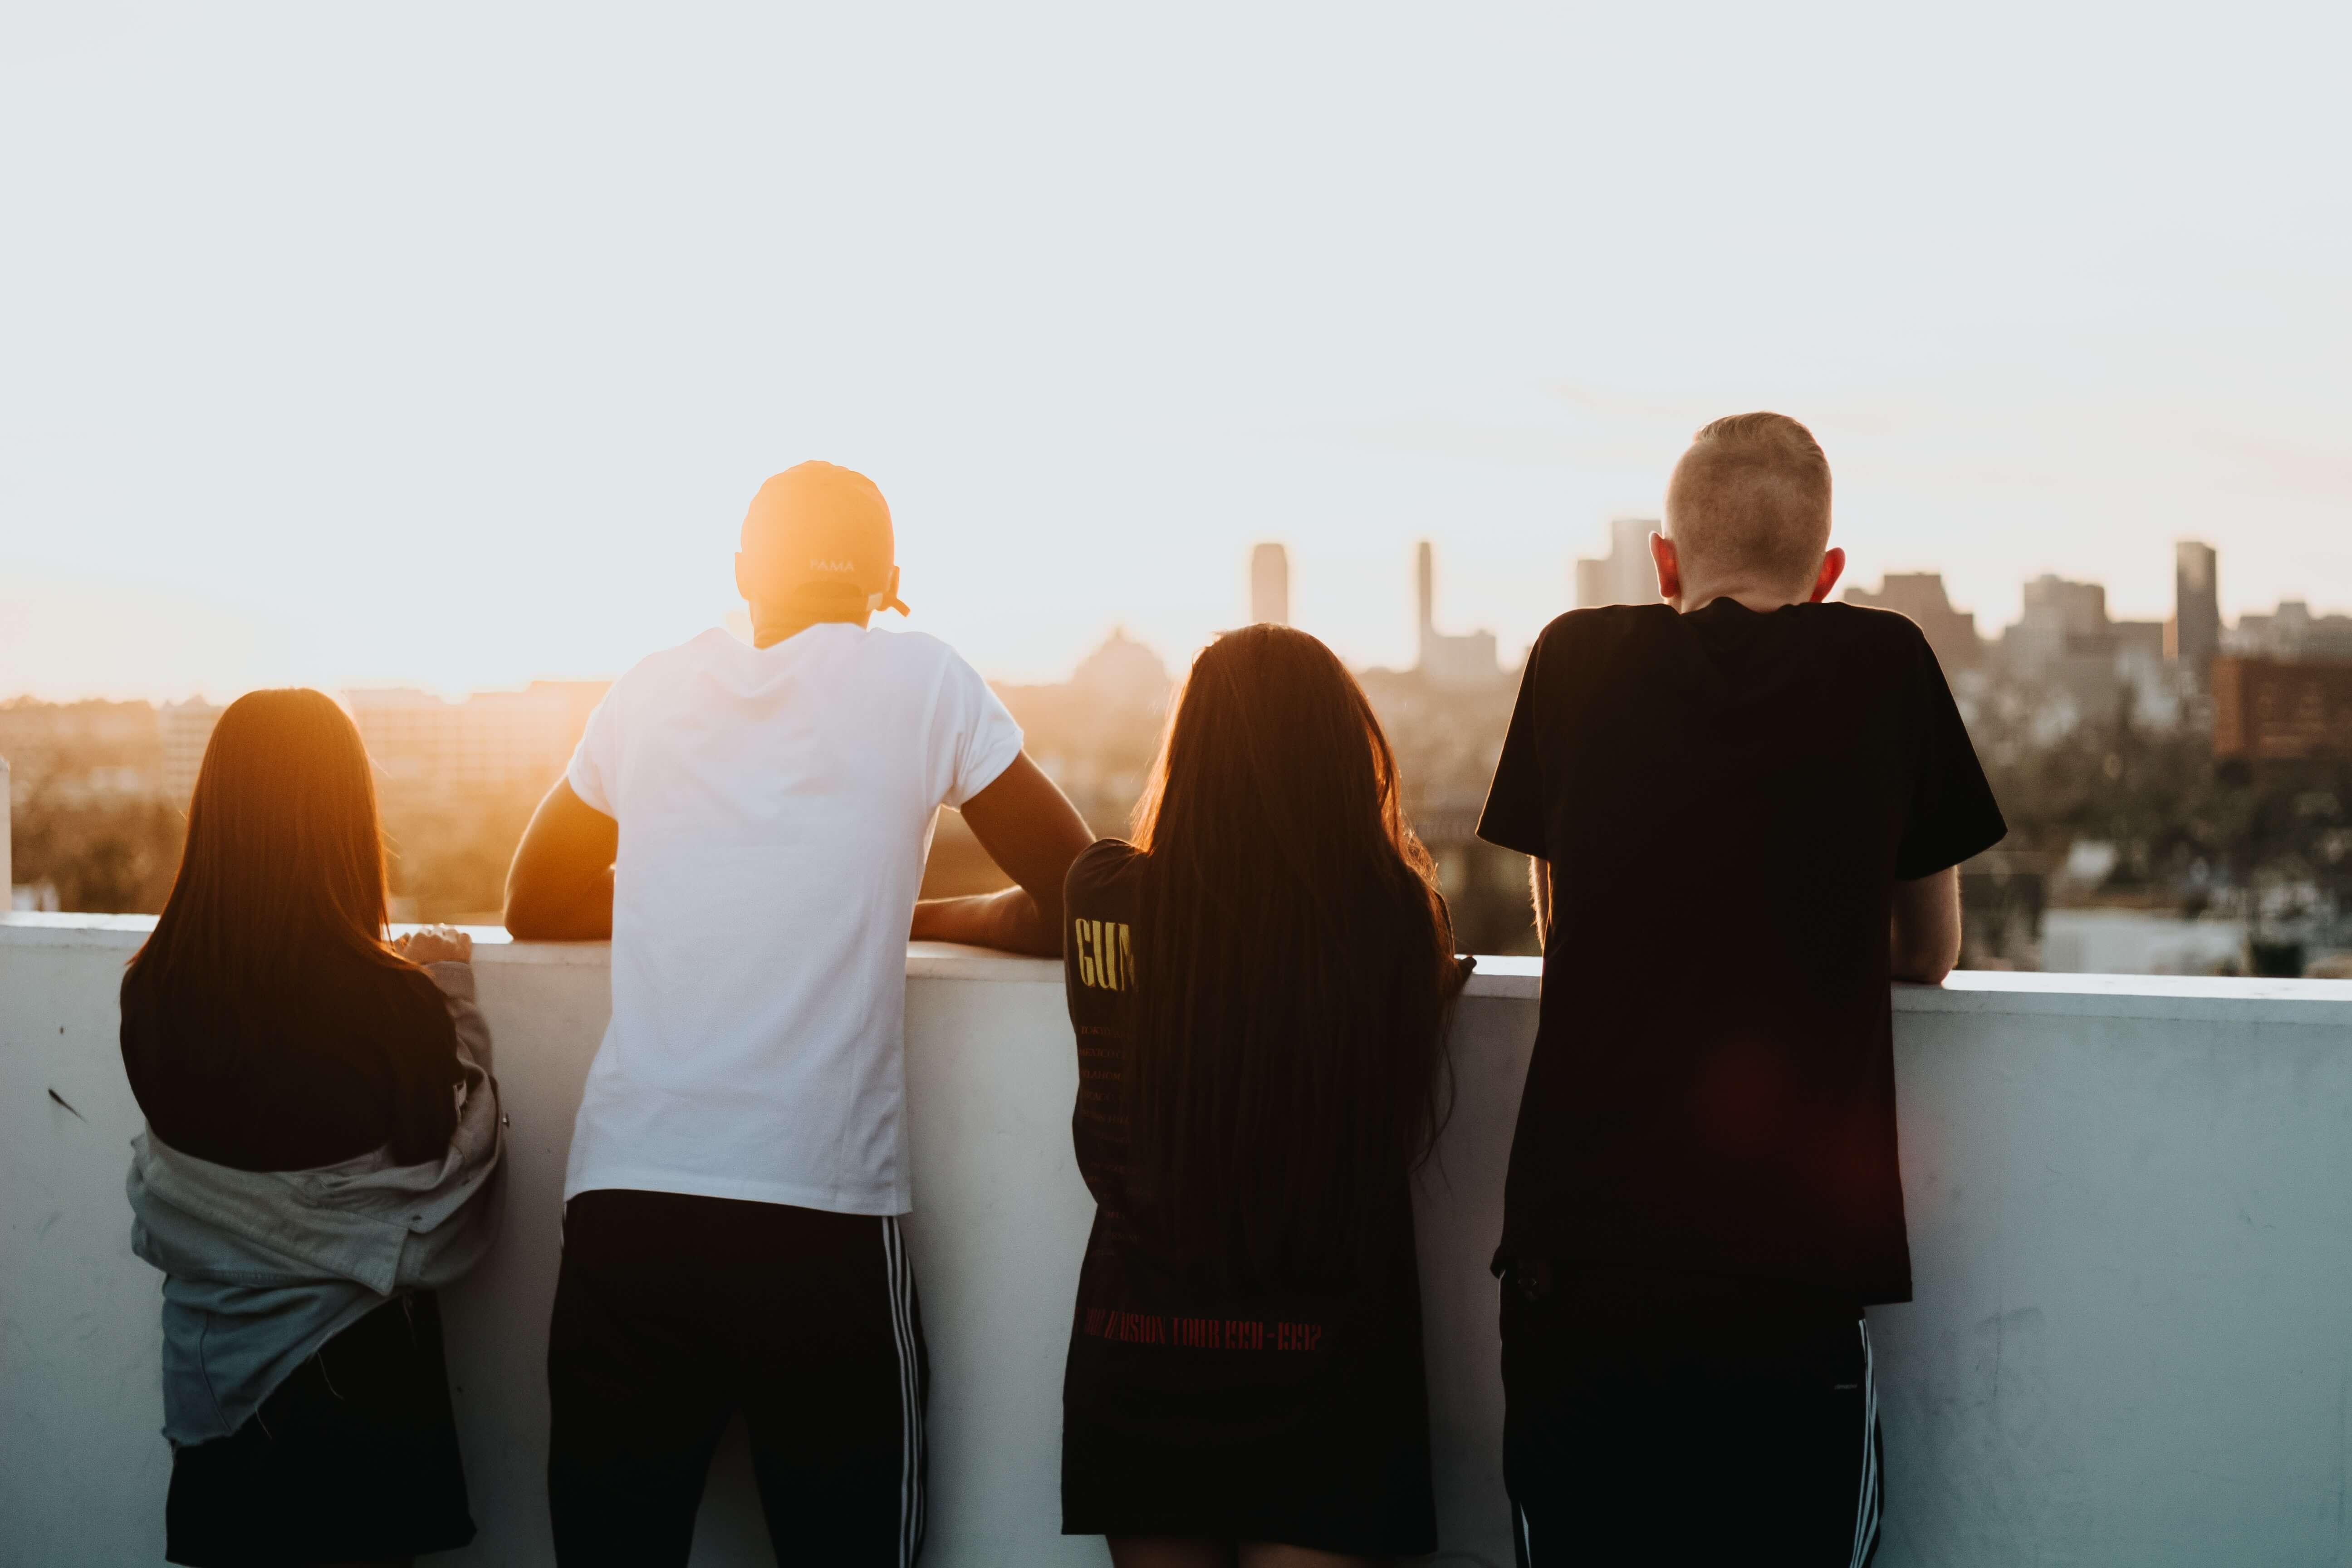 Nemojte da vam zbog druženja propadnu rokovi: Što kada se sprijateljite s cimerima, a morate učiti?